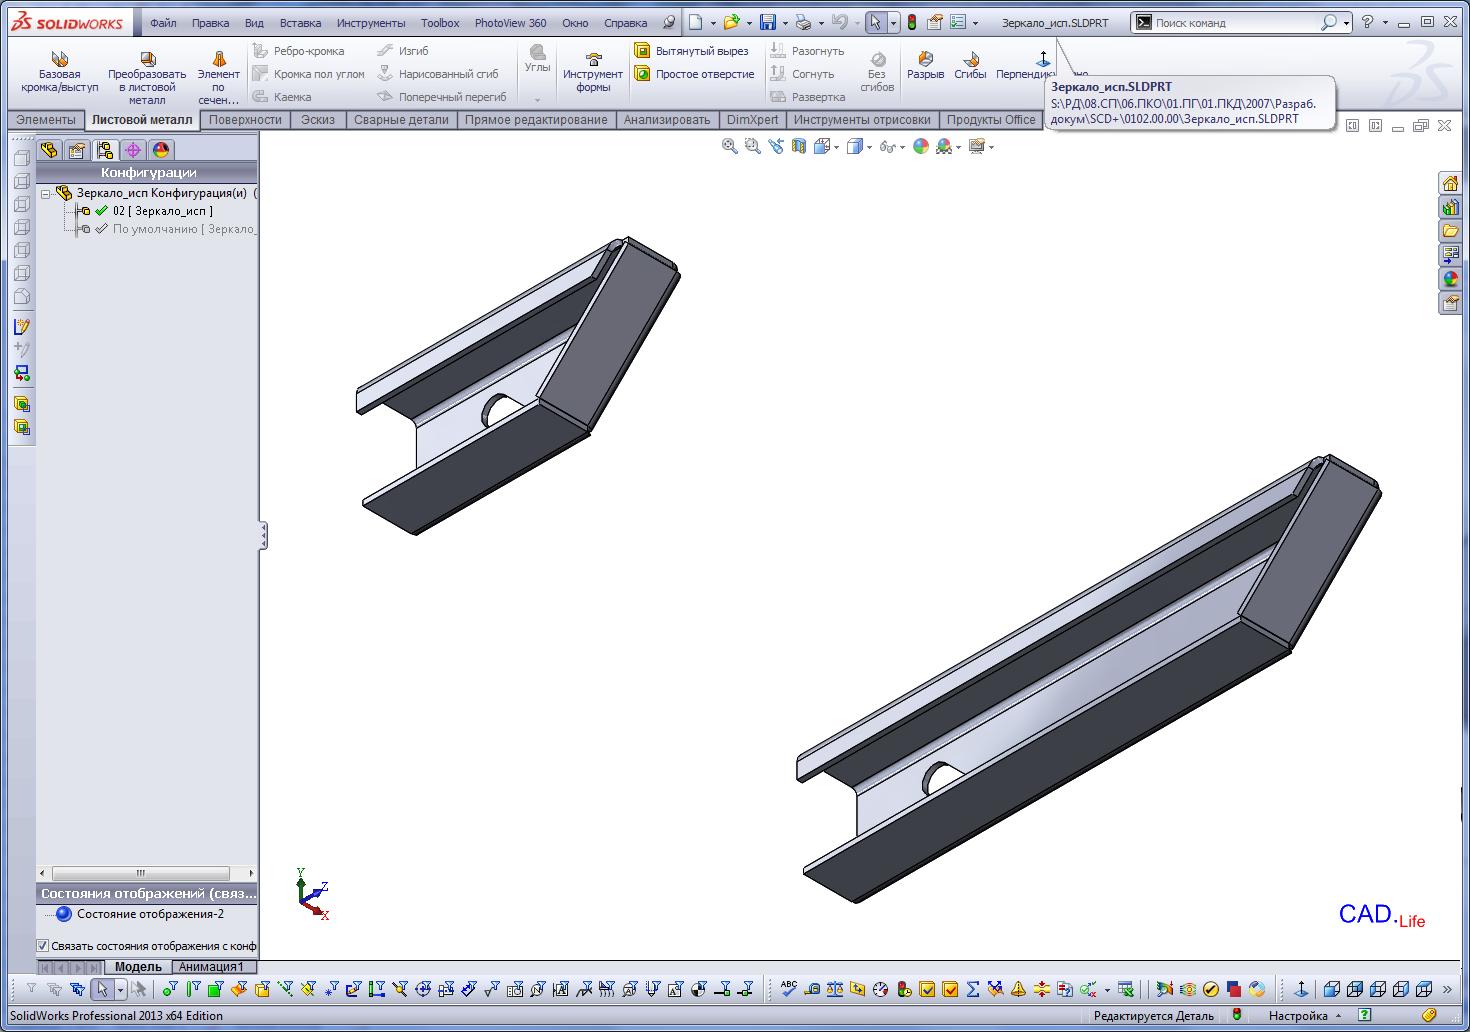 Solidworks 2013|Зеркальное отражение с исполнениями (конфигурациями)